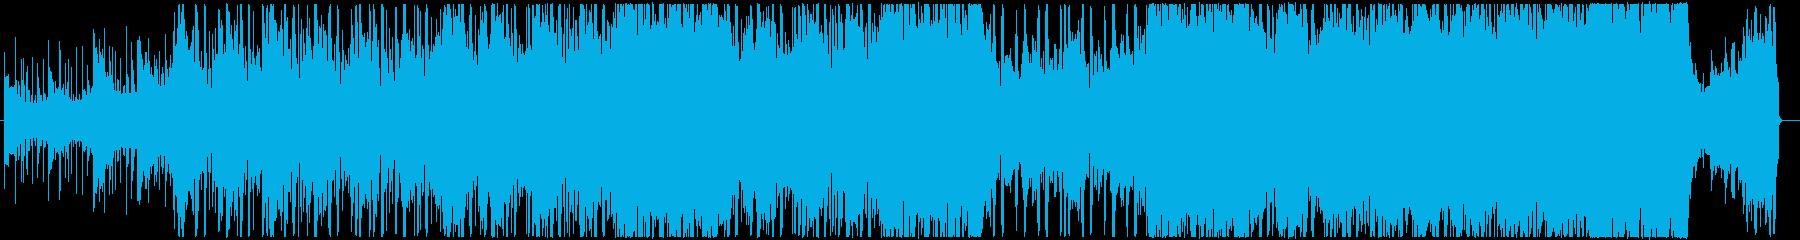 エフェクトボイス、ポストロック、オルタナの再生済みの波形